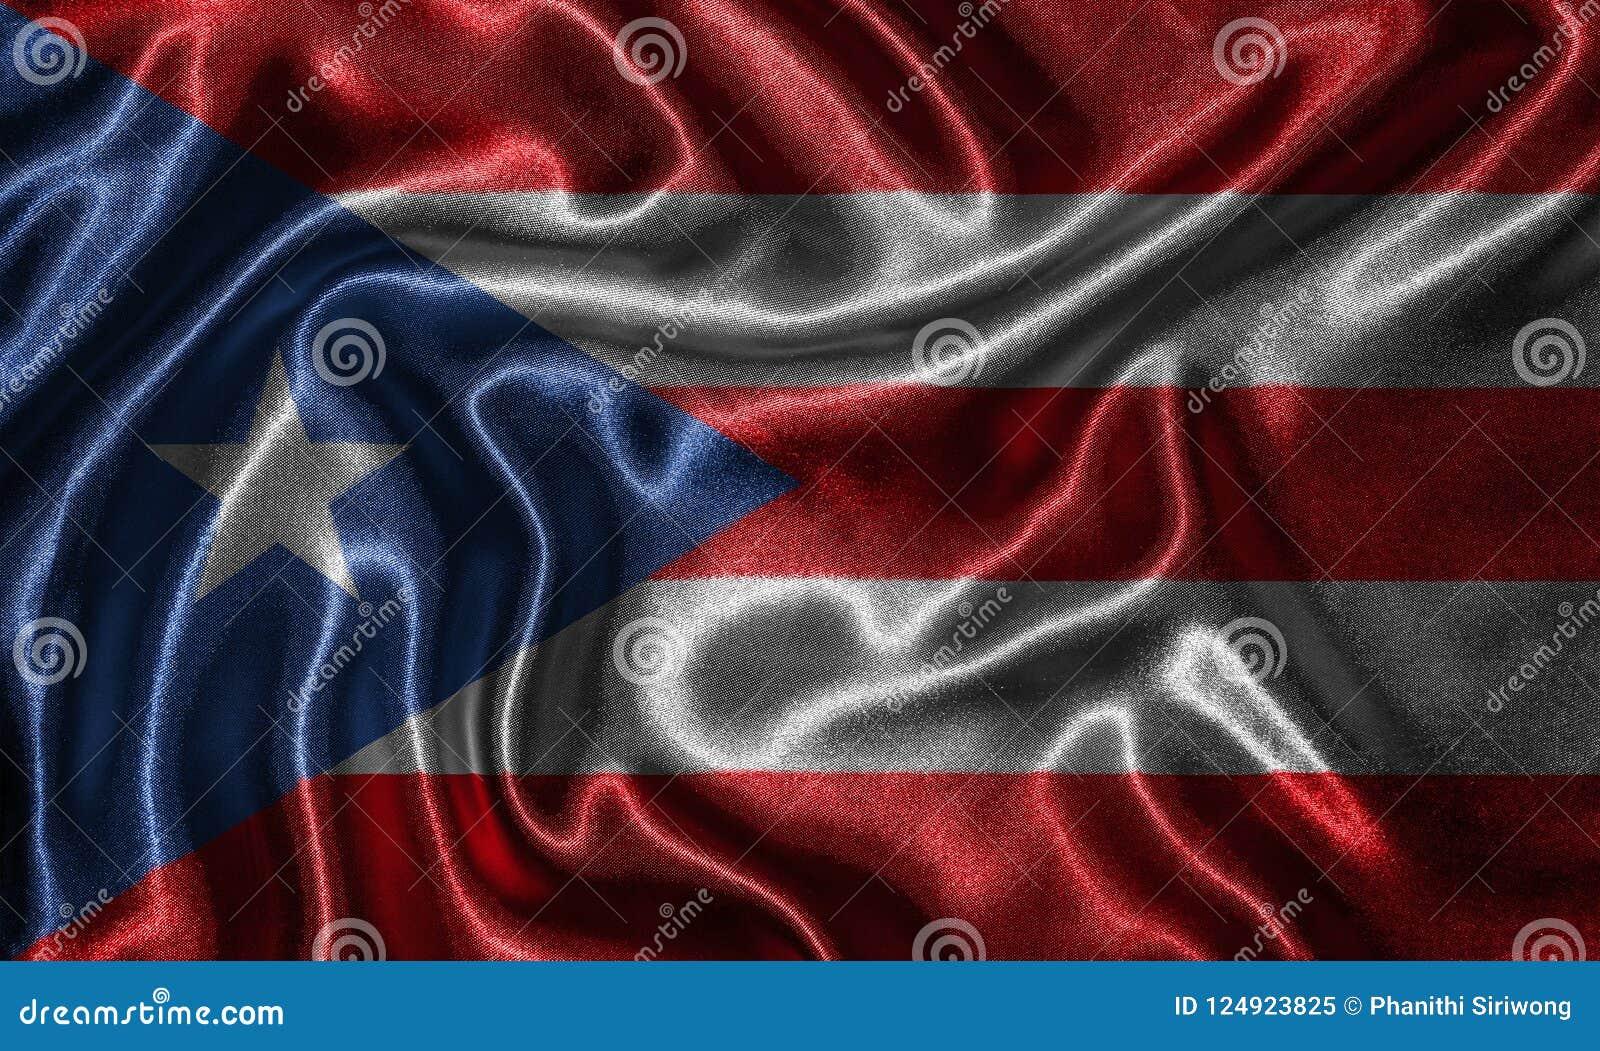 Wallpaper Por La Bandera De Puerto Rico Y La Bandera Que Agita Por